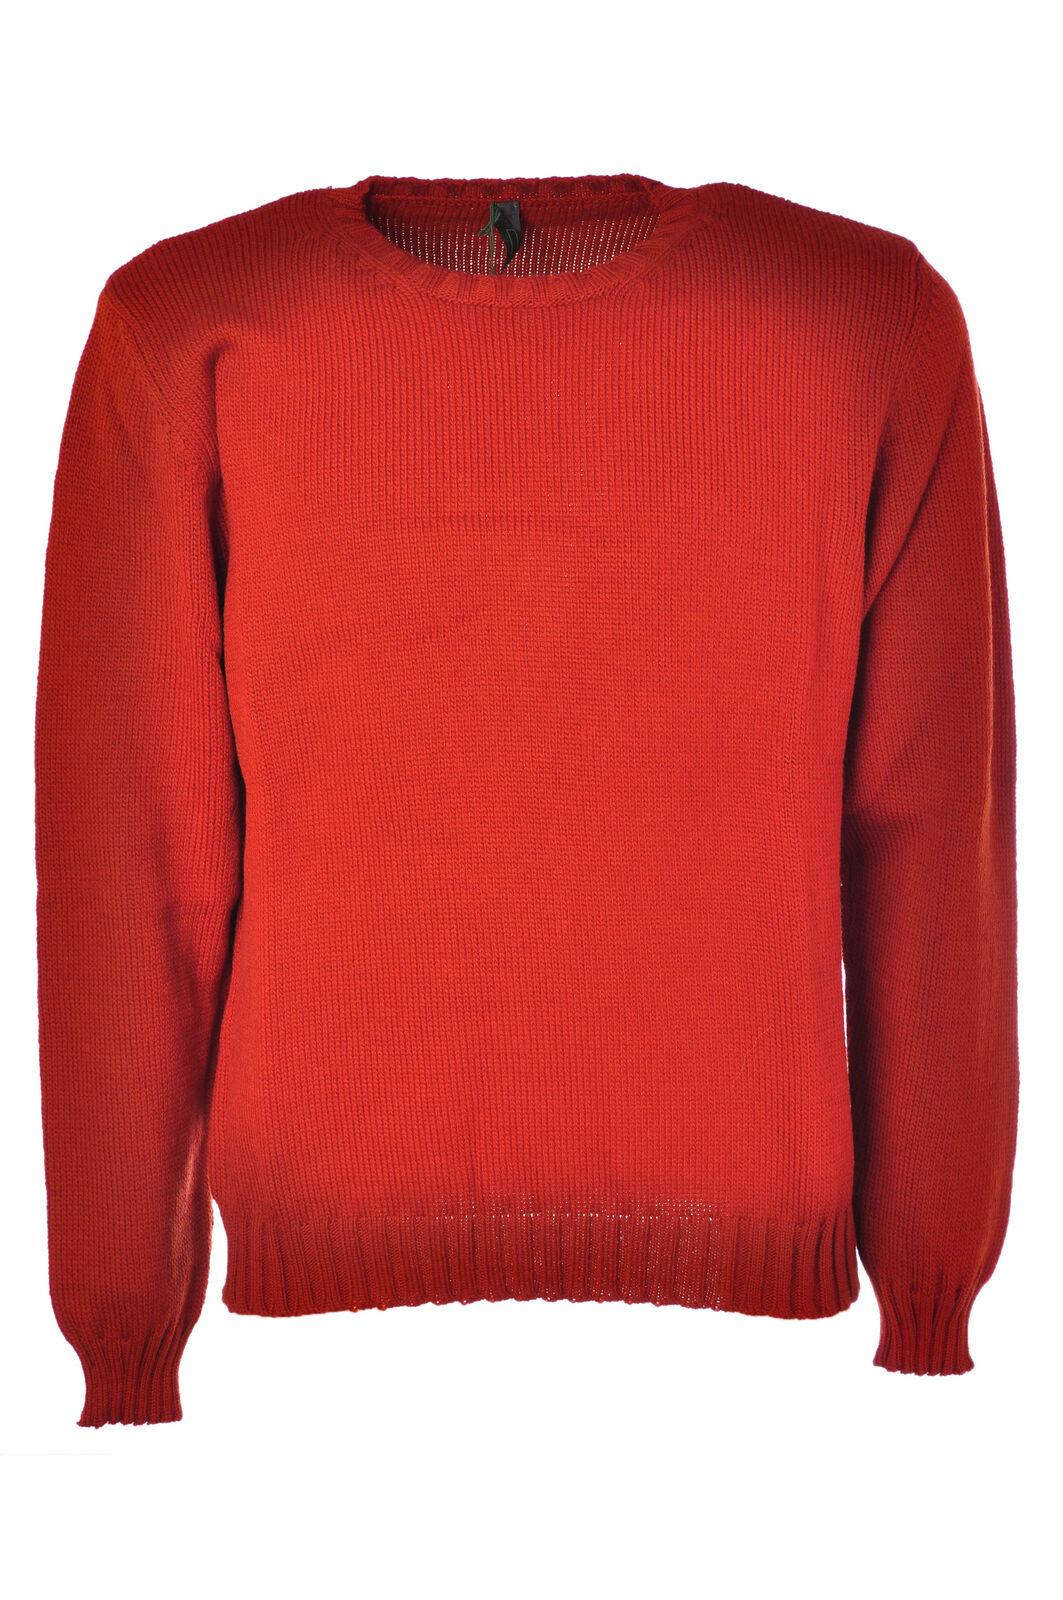 Almeria  -  Sweaters - Male - Red - 2834131N173824